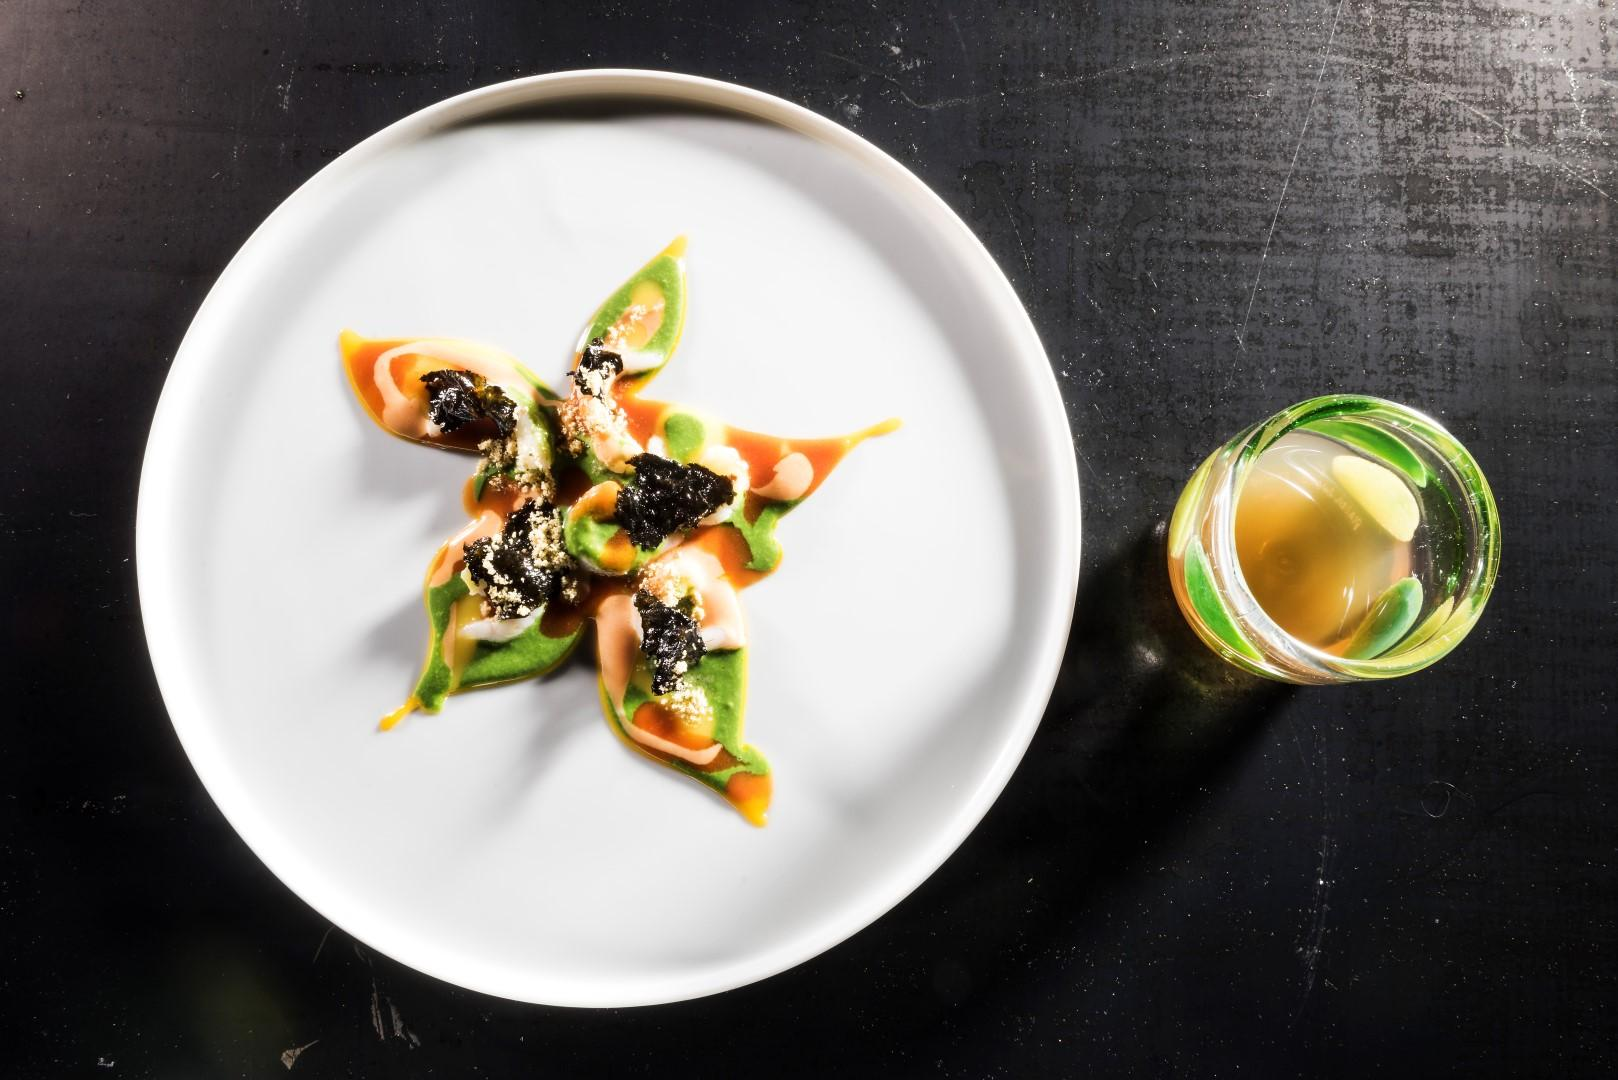 XV° edizione: tra novità, grandi classici e i piatti degli Chef